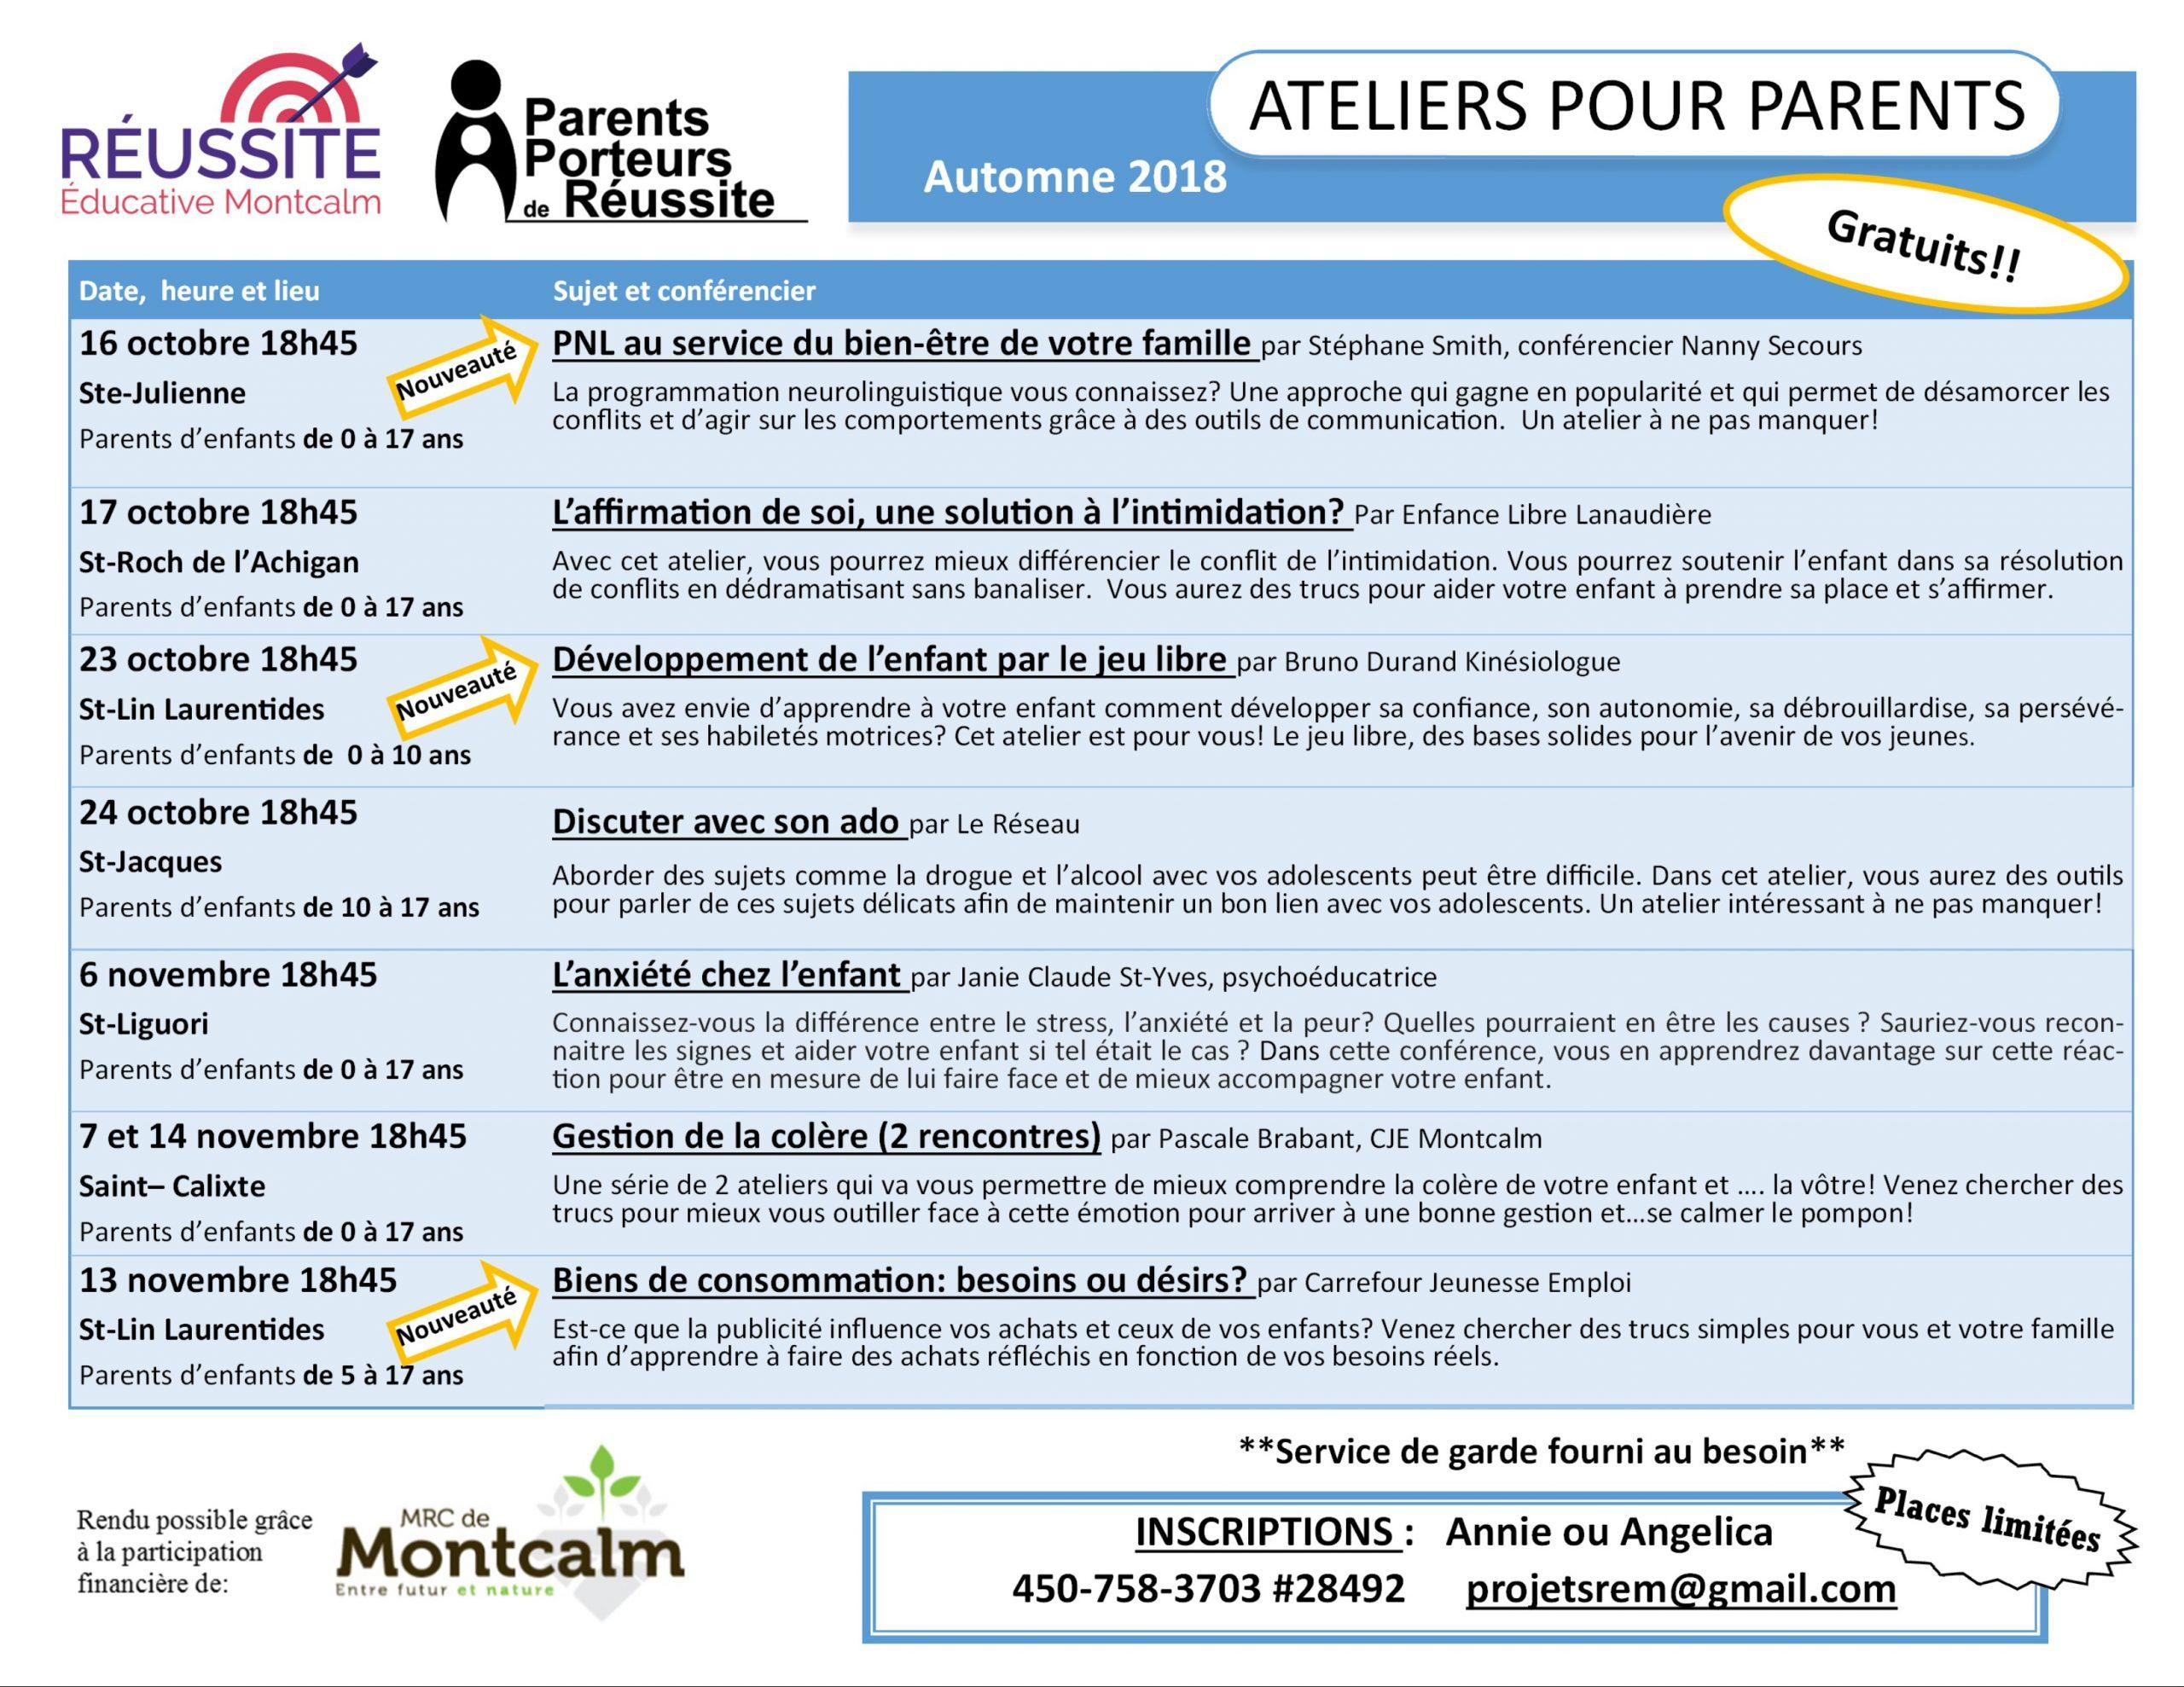 Calendrier Automne 2018 - Réussite Éducative Montcalm destiné Calendrier 2018 Enfant